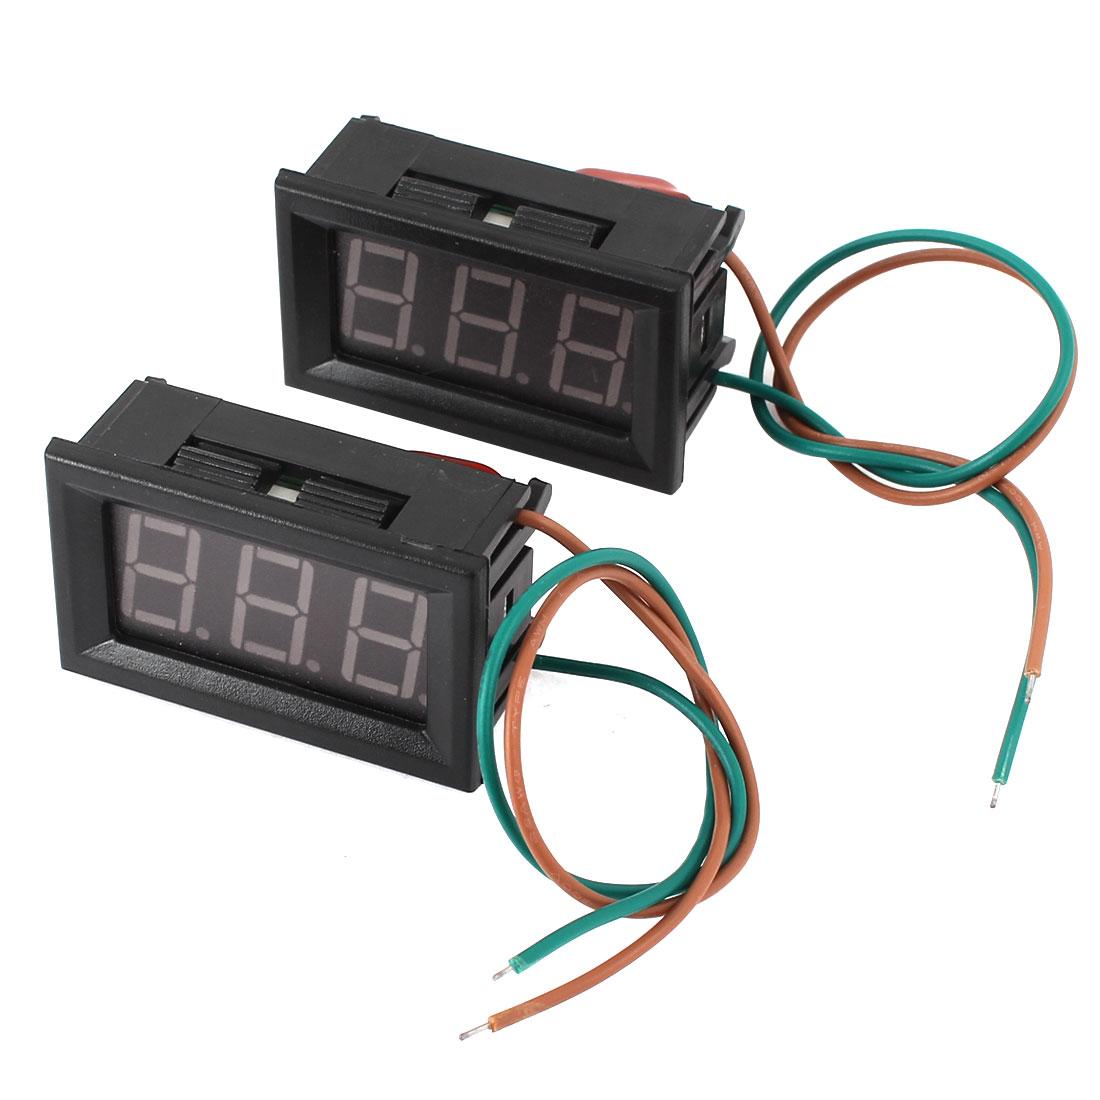 2pcs AC 220V Measuring Range 2-Wired Connect Red LED Digit Voltmeter